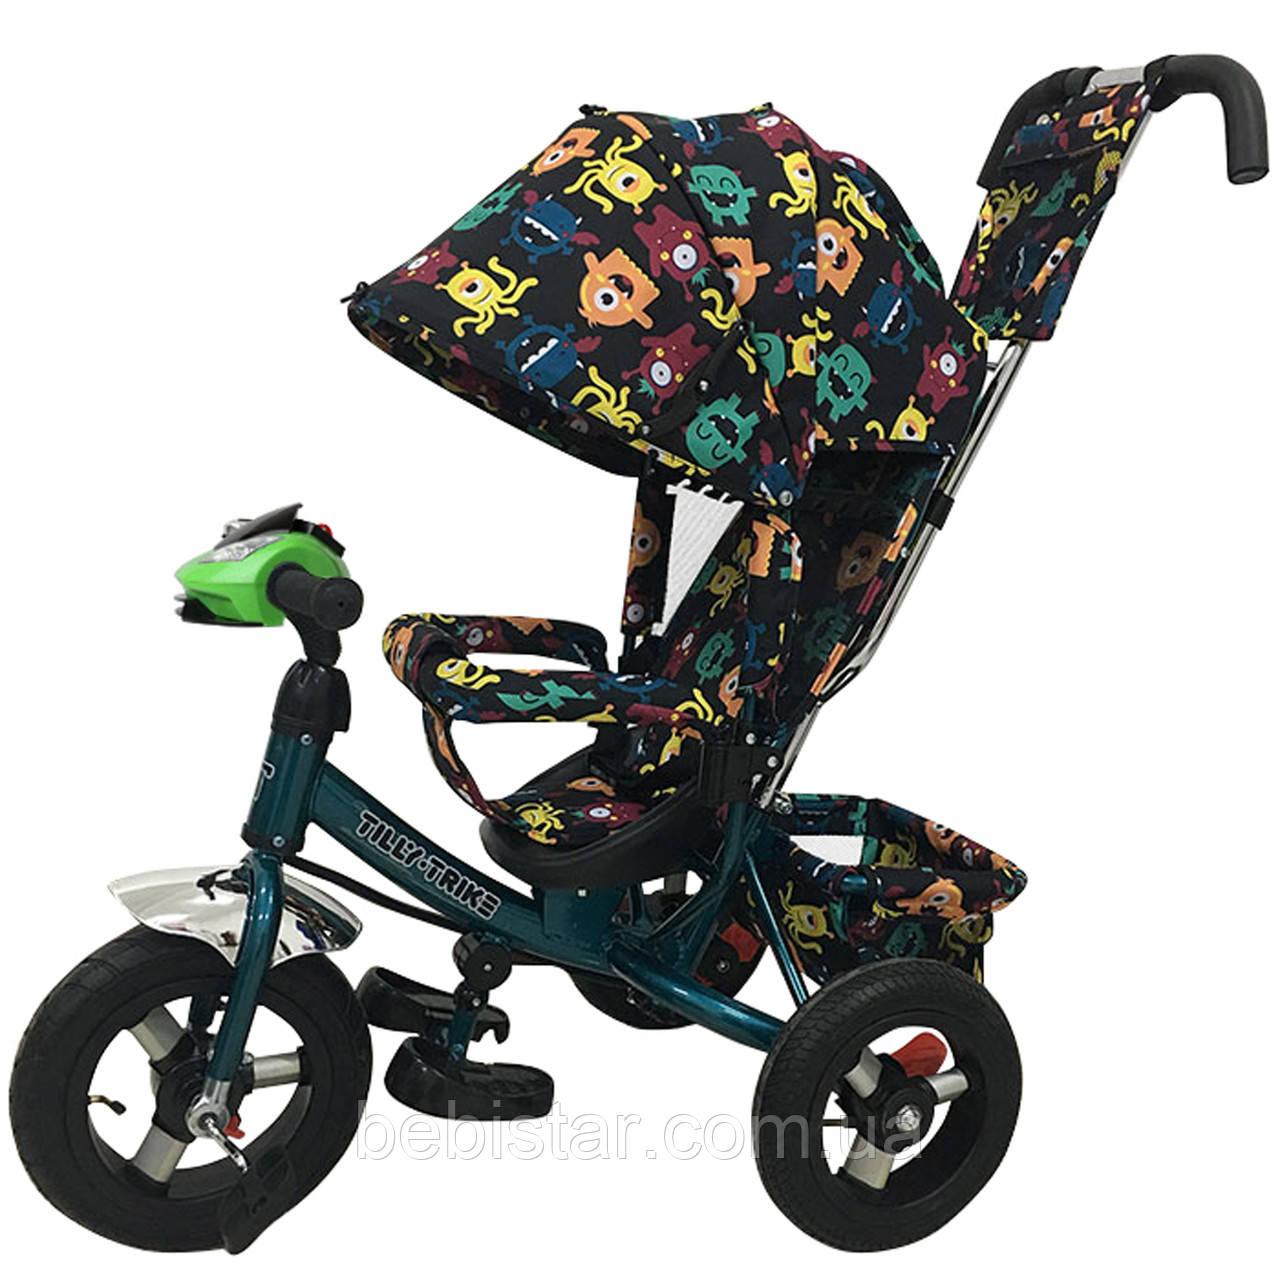 Детский трехколесный велосипед музыка свет TILLY Trike T-363-4 надувные колеса бирюзовый